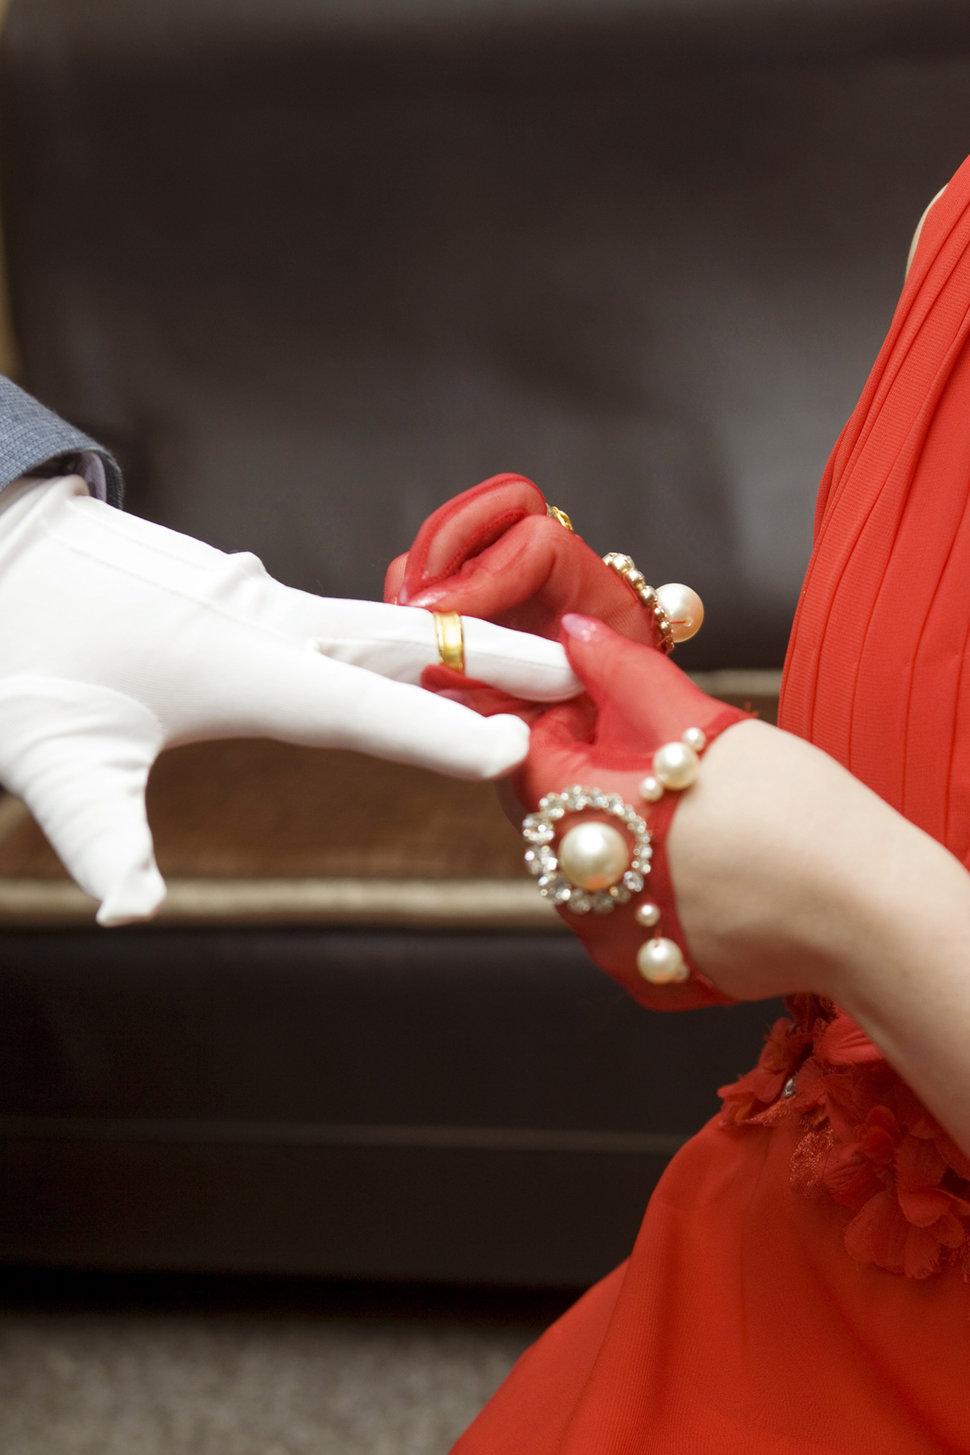 蓓麗宛婚禮時尚(編號:499426) - 蓓麗宛婚禮時尚《結婚吧》